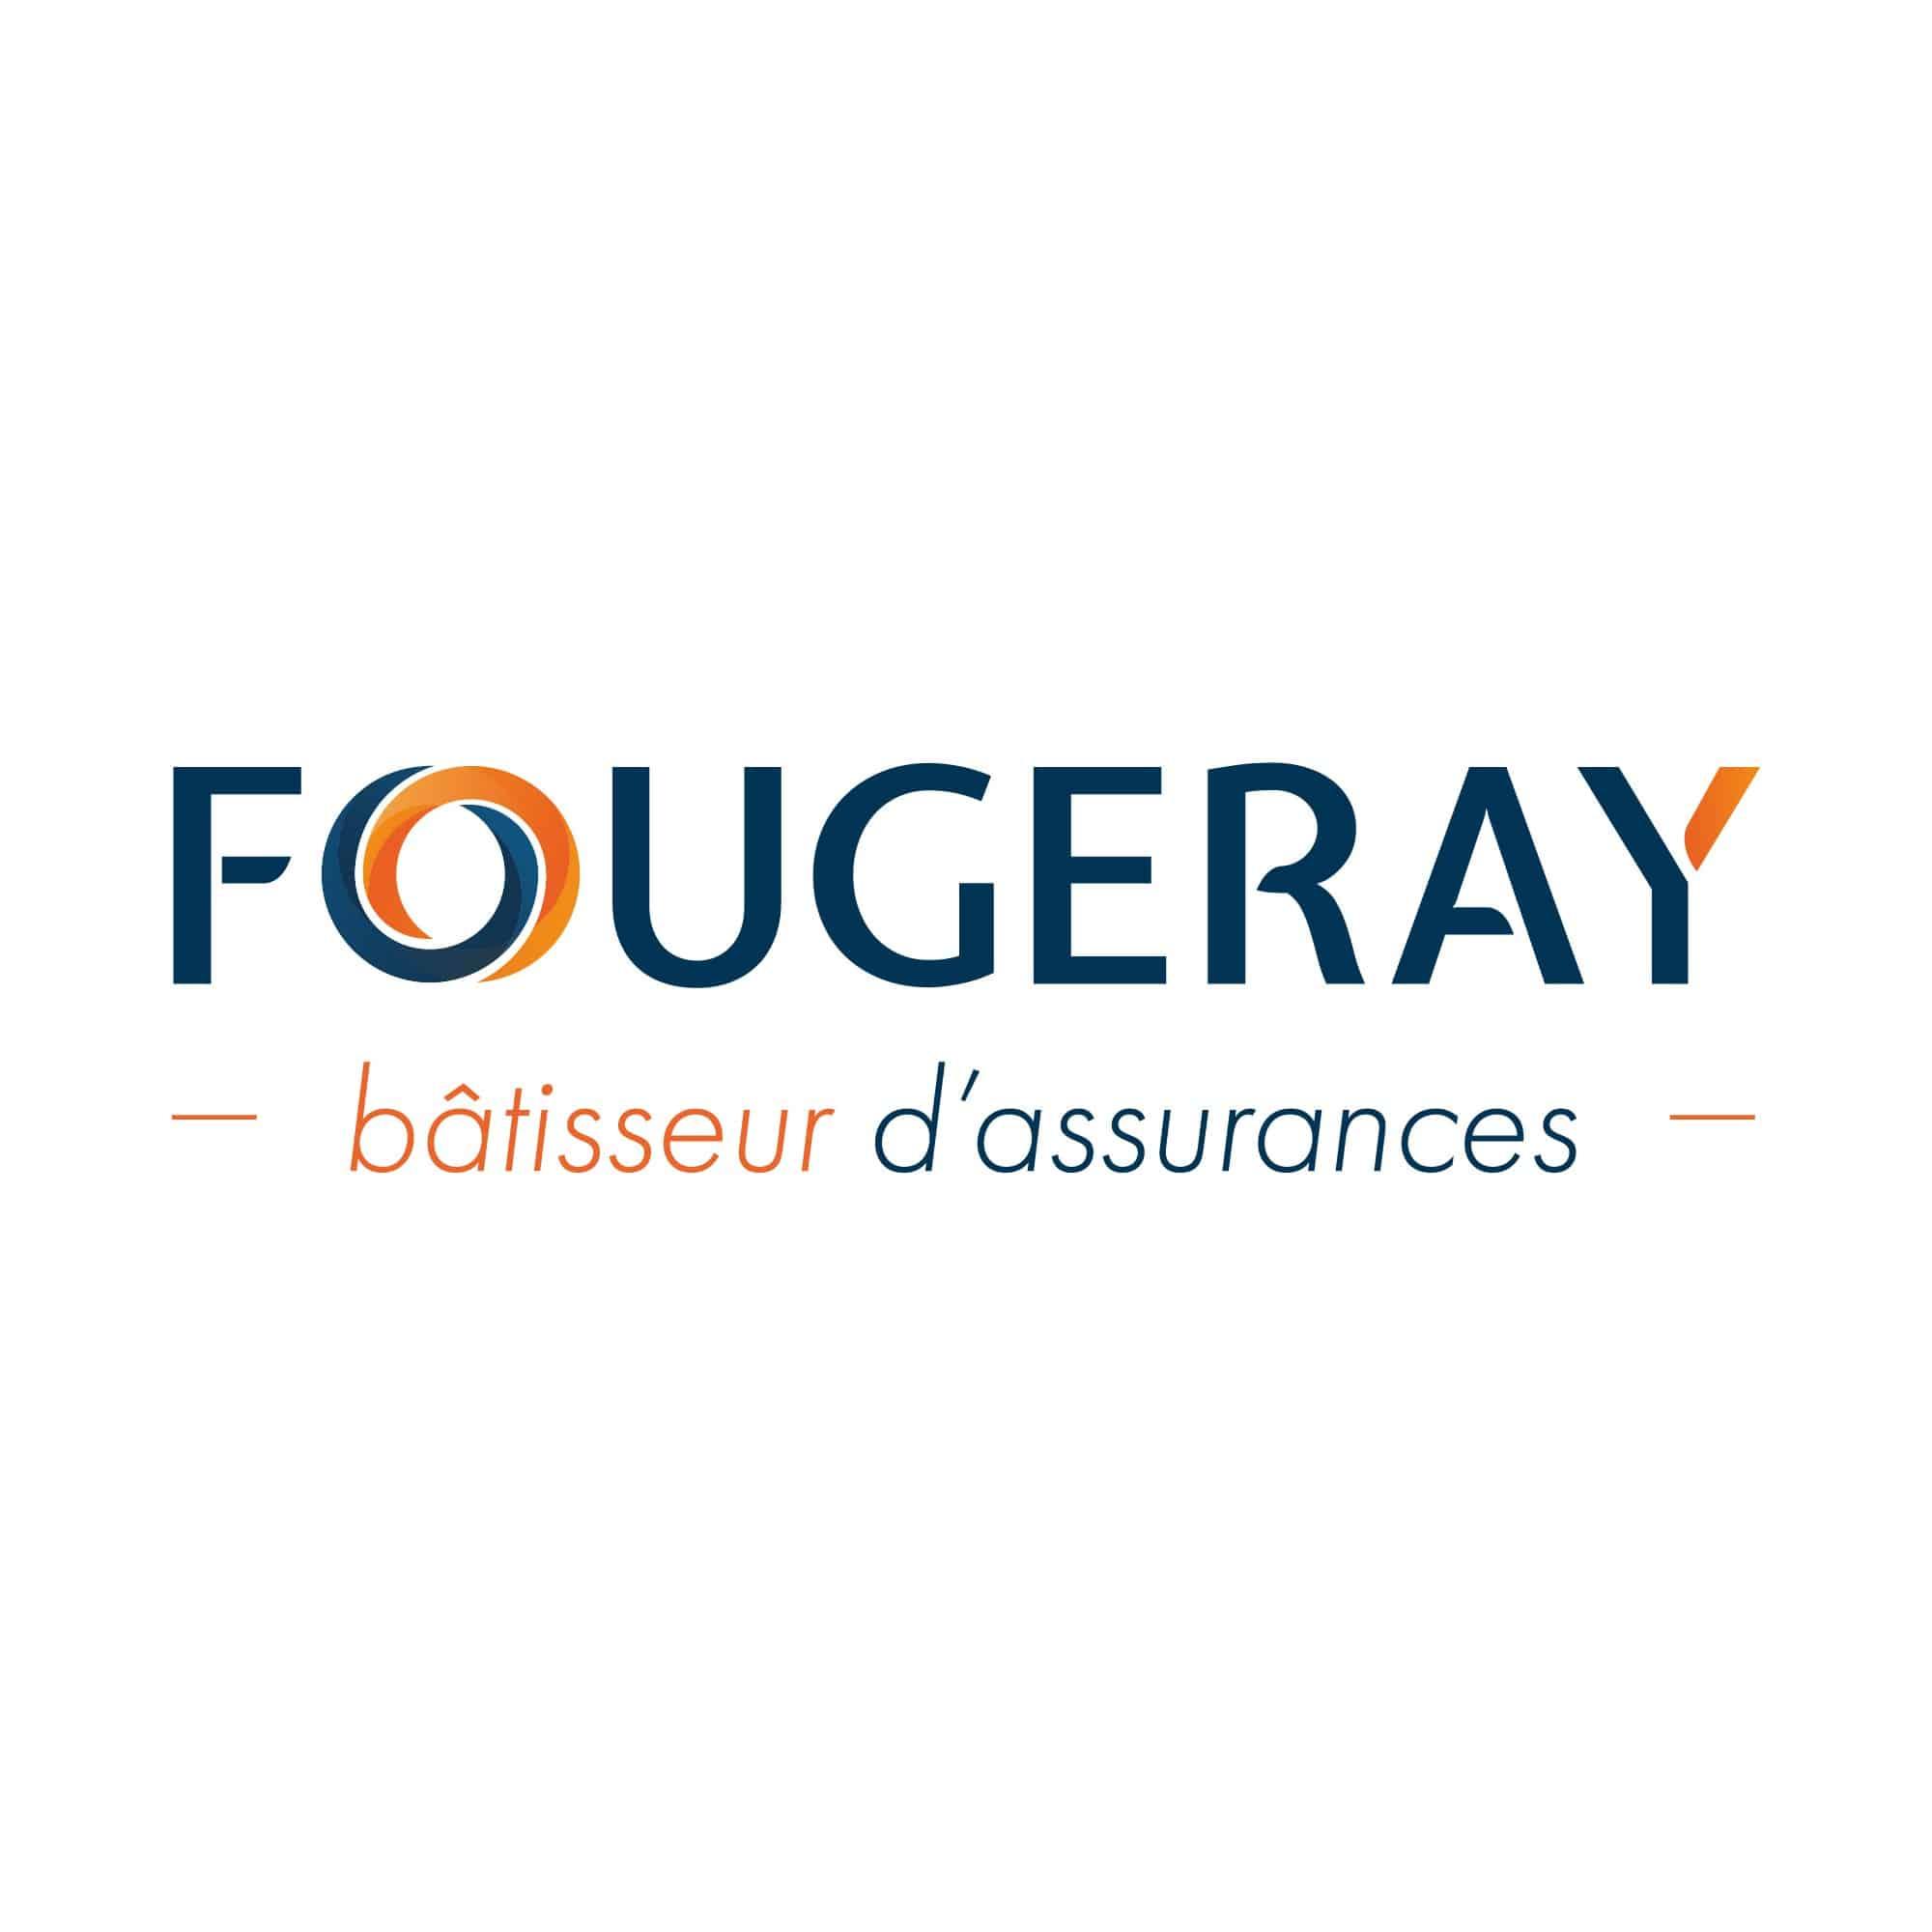 logo mma fougeray